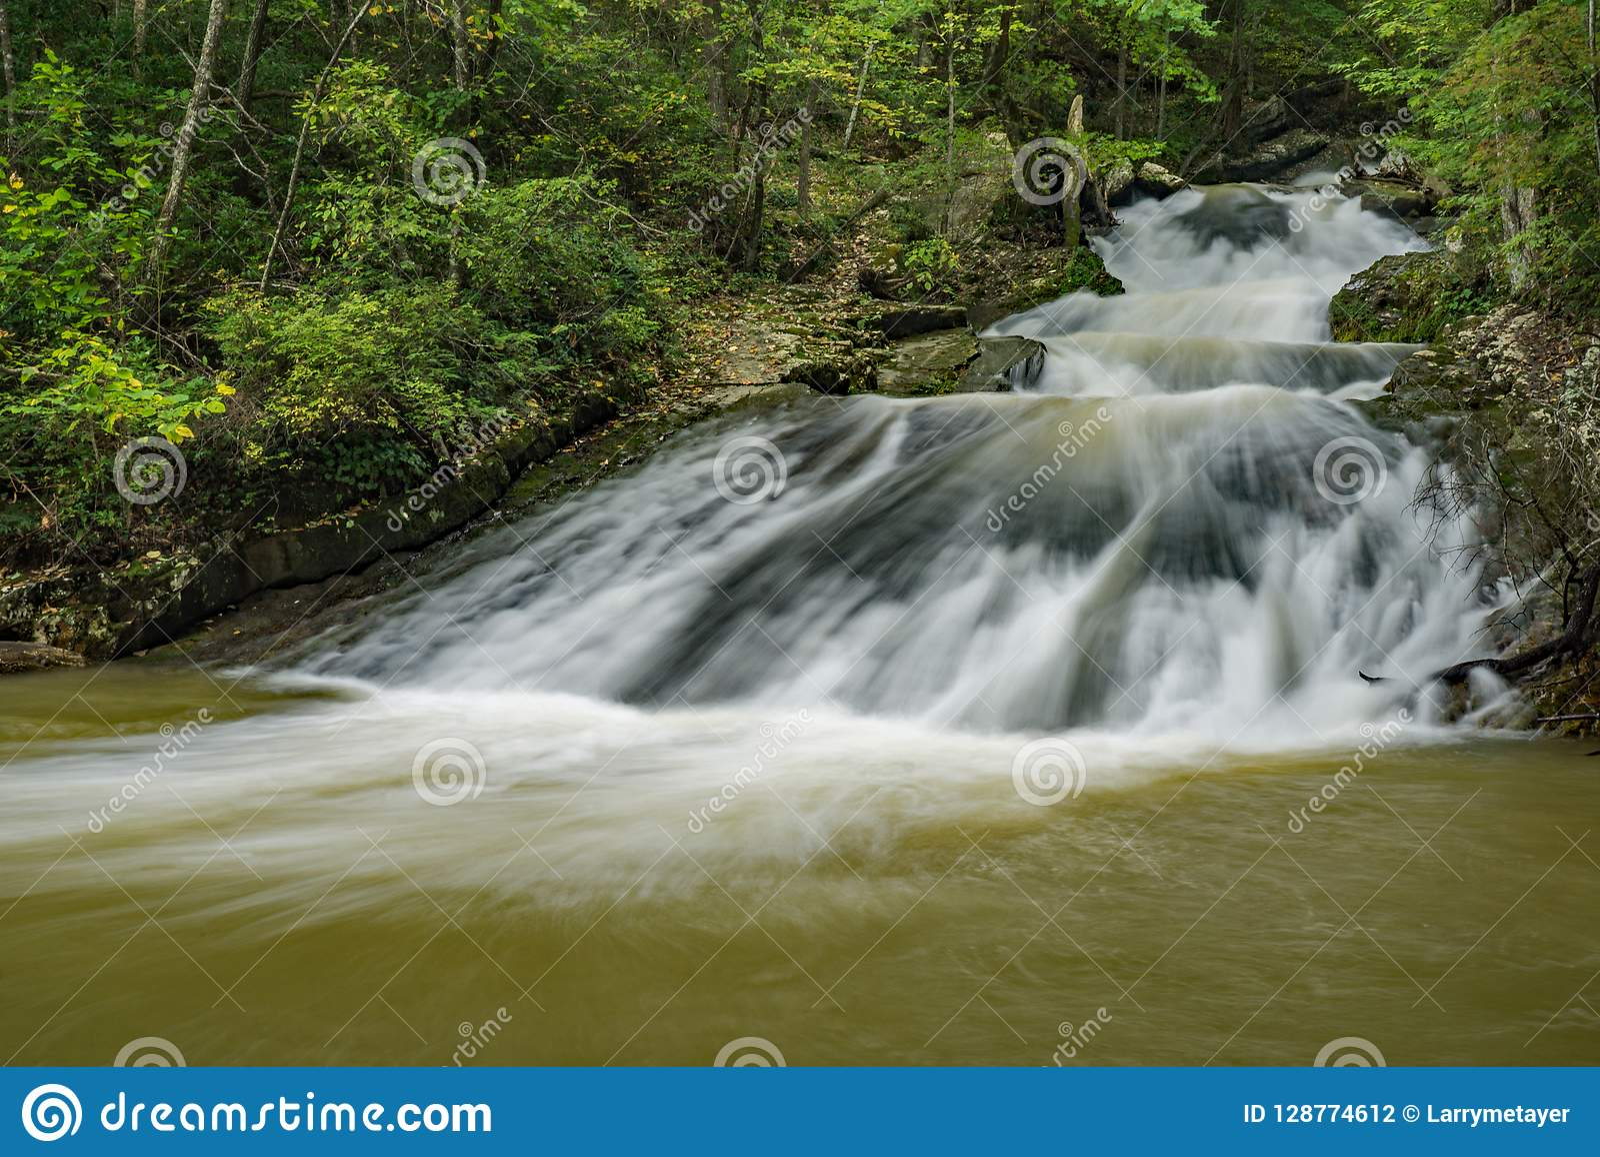 Één van de Vele Watervallen bij gebrul In werking gesteld Recreatief Gebied